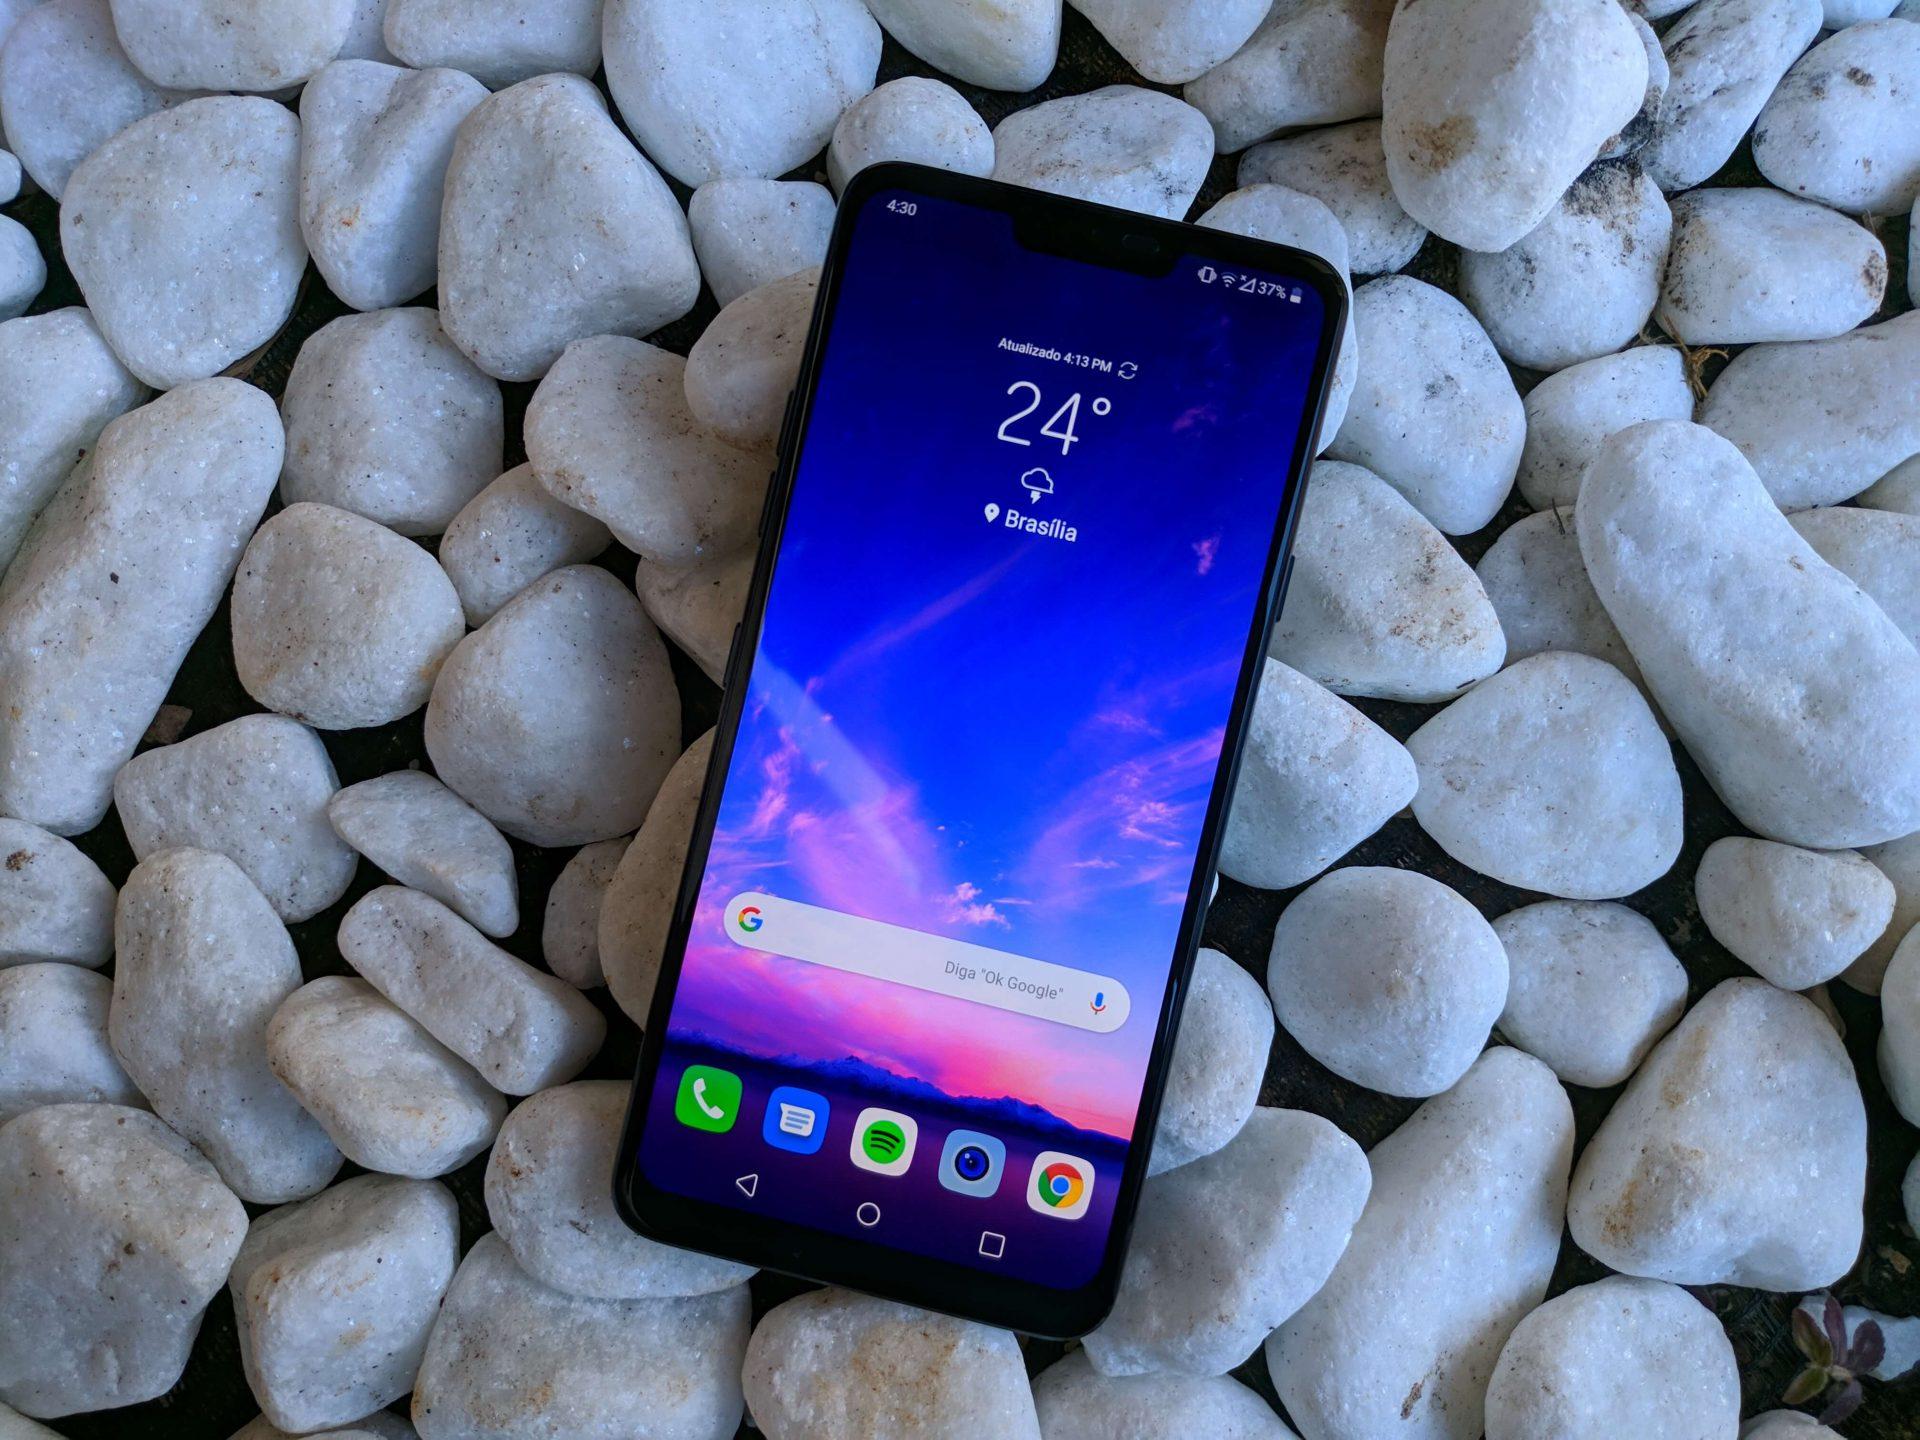 IMG 20181111 173035 - REVIEW: LG G7 ThinQ, um smartphone racional e de ótimo custo-benefício